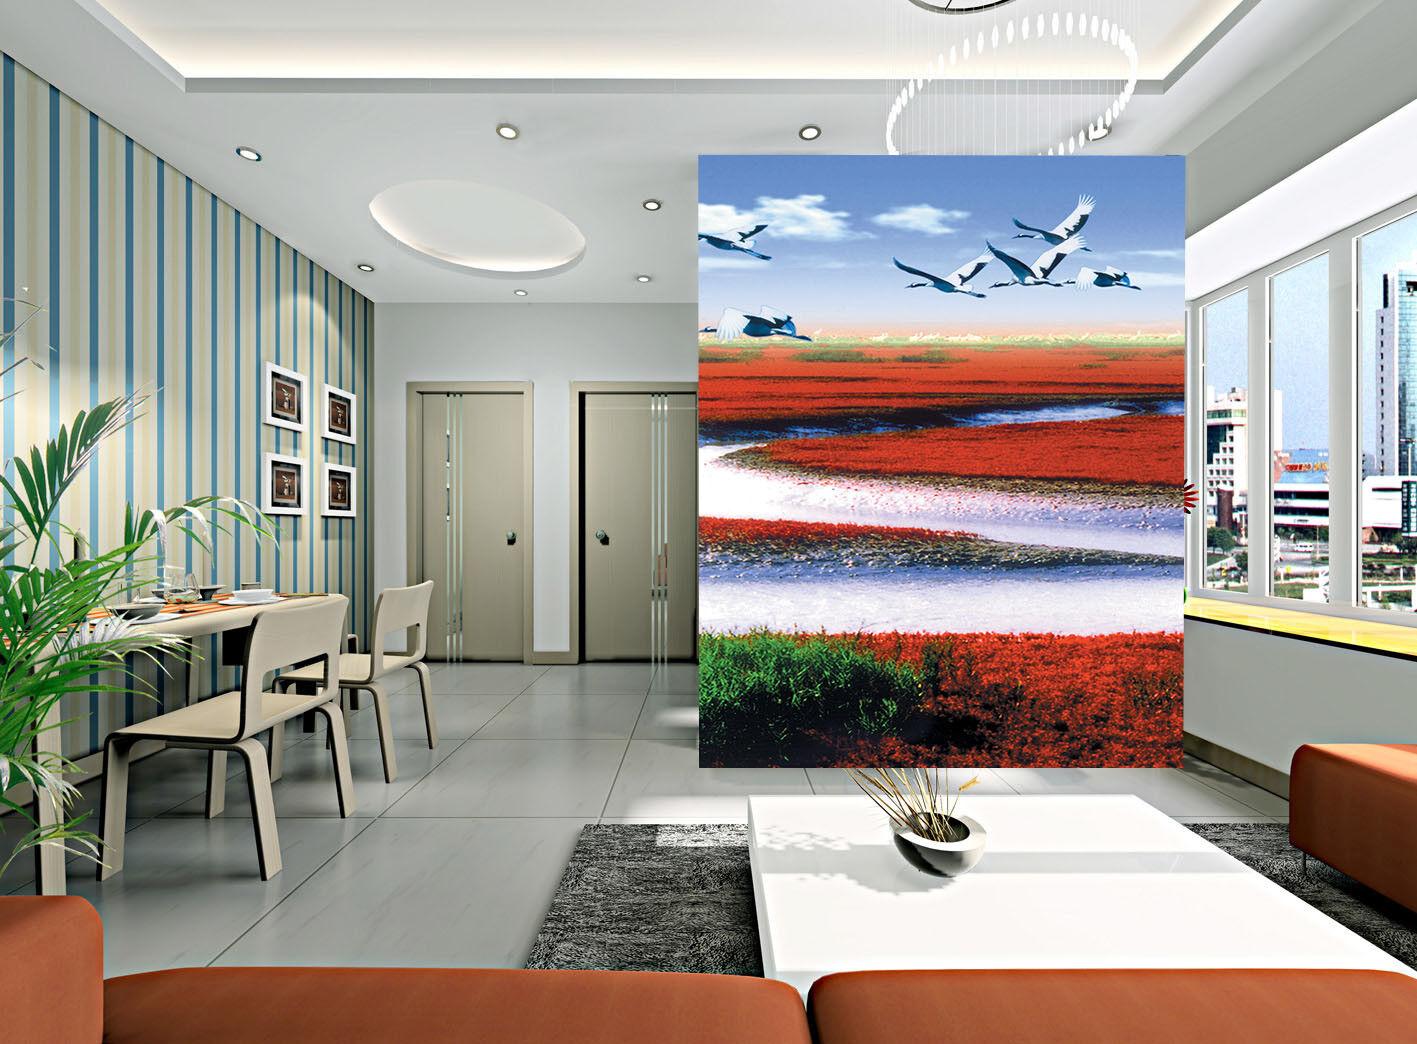 3D Reiher Rotes Felder 88 Tapete Wandgemälde Tapete Tapeten Bild Familie DE | Verschiedene Stile und Stile  | Jeder beschriebene Artikel ist verfügbar  | Gewinnen Sie das Lob der Kunden